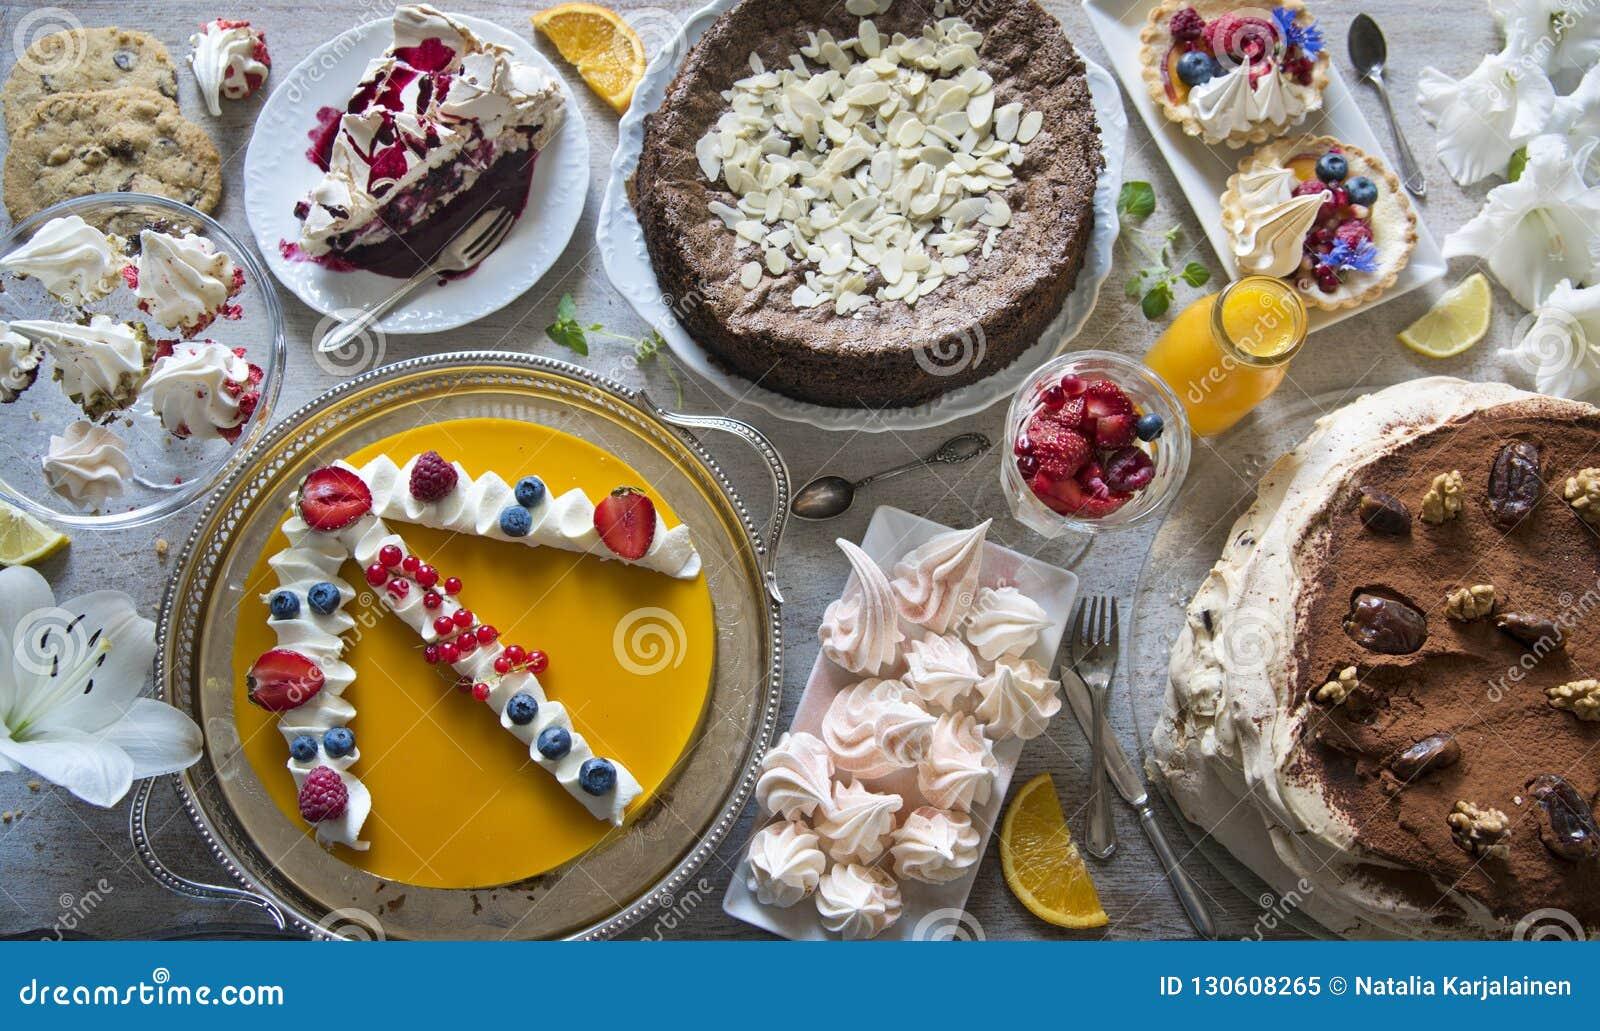 与蛋糕、杯形蛋糕、曲奇饼、cakepops、点心、果子、花和橙汁过去装载的表